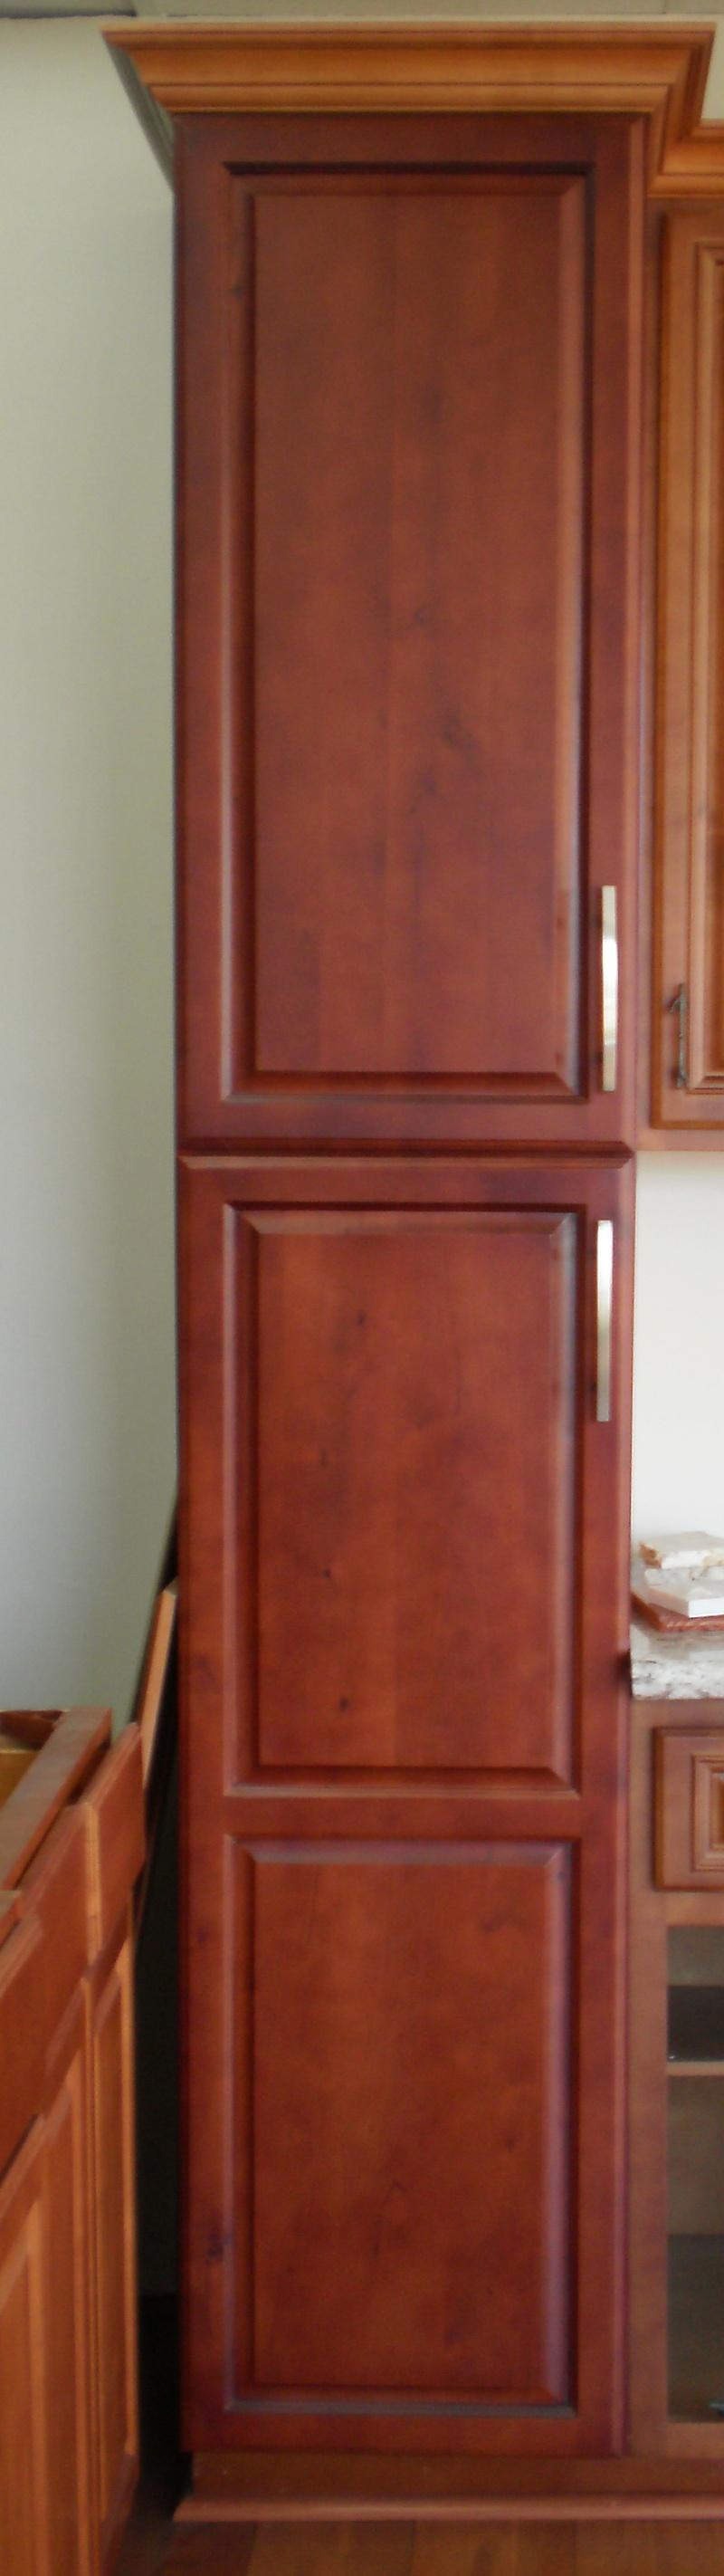 Dark Cherry Maple Pantry Myt Kitchen Cabinet Design